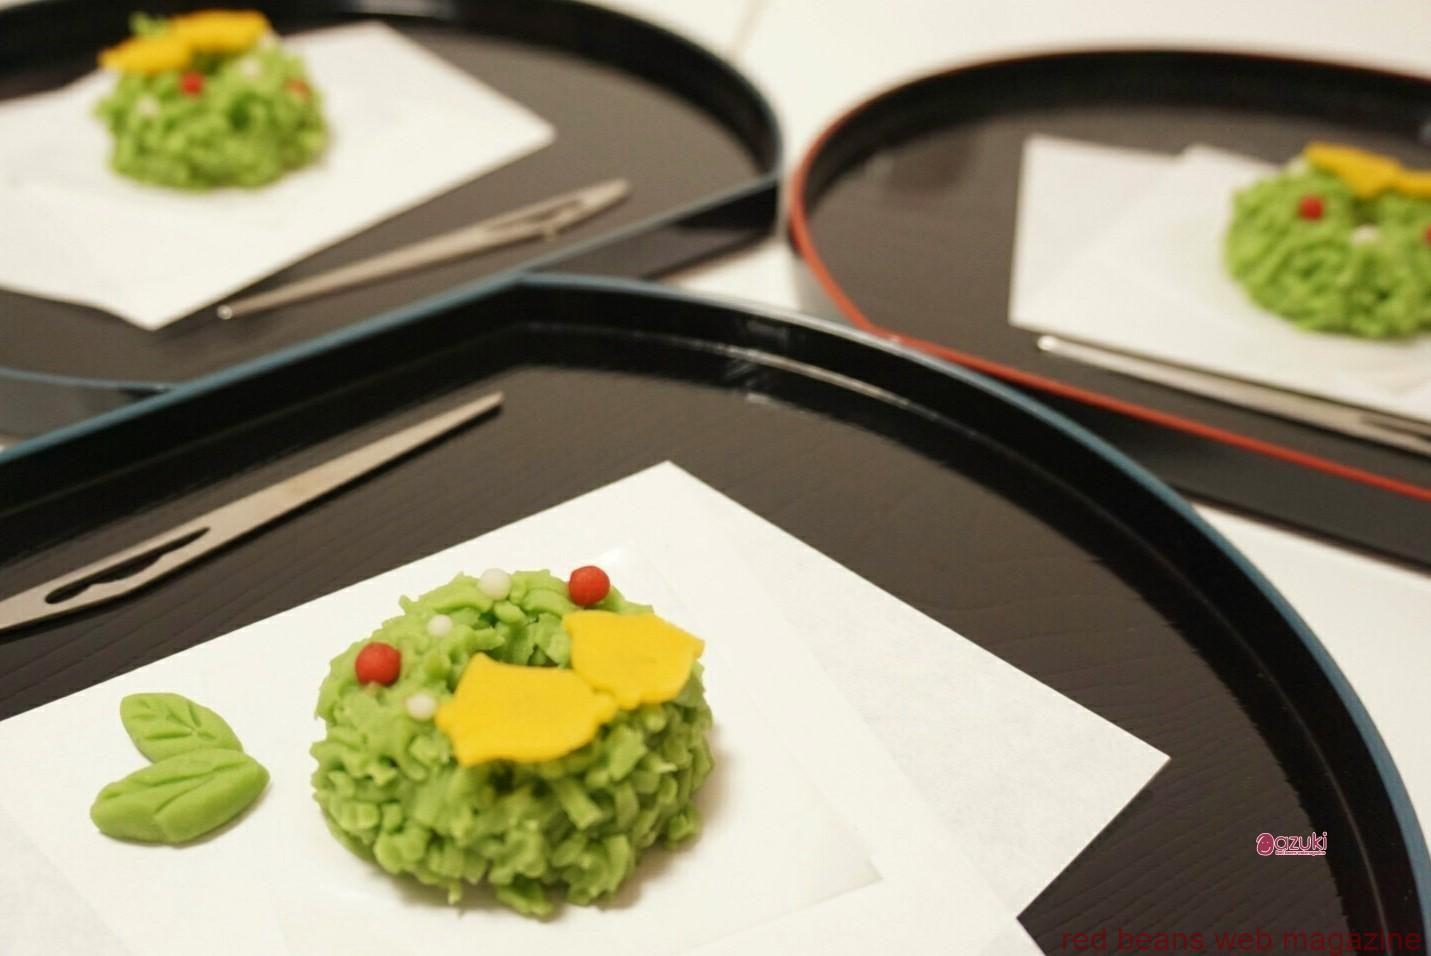 鎌倉創作和菓子【手毬】で、初心者も楽しく季節の和菓子づくり体験